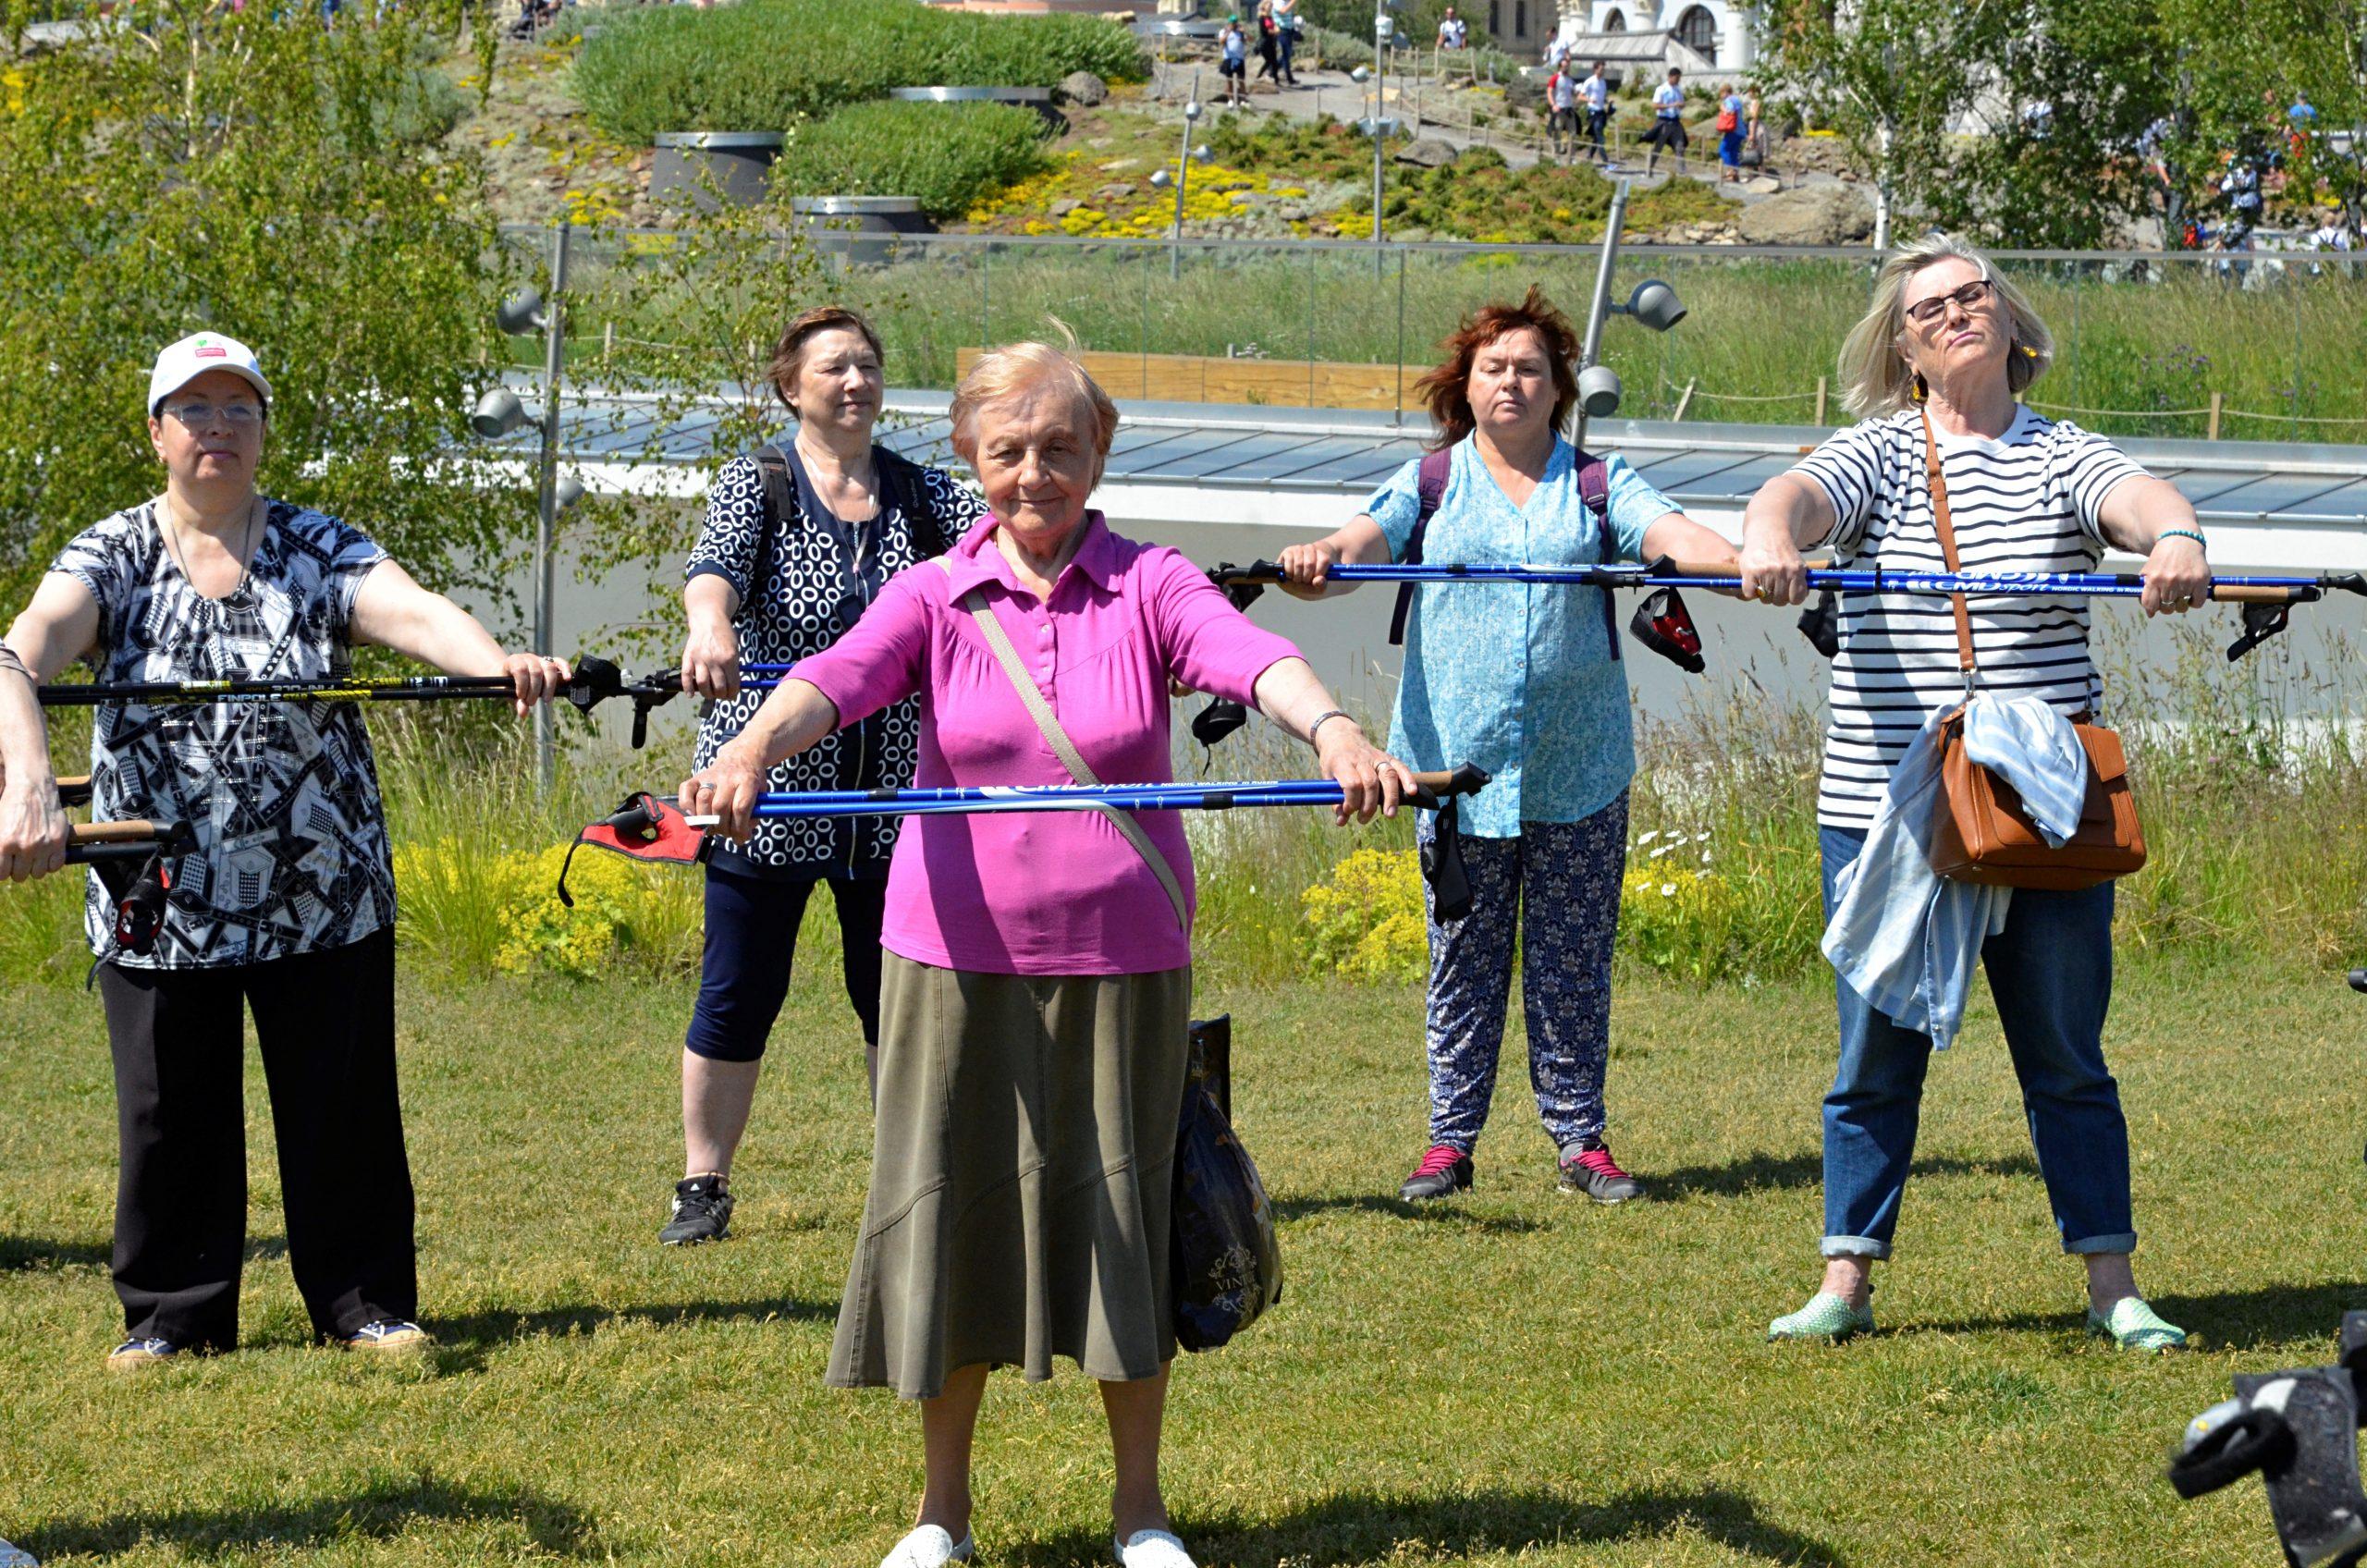 Ветераны из Кленовского посетили тренировку по скандинавской ходьбе